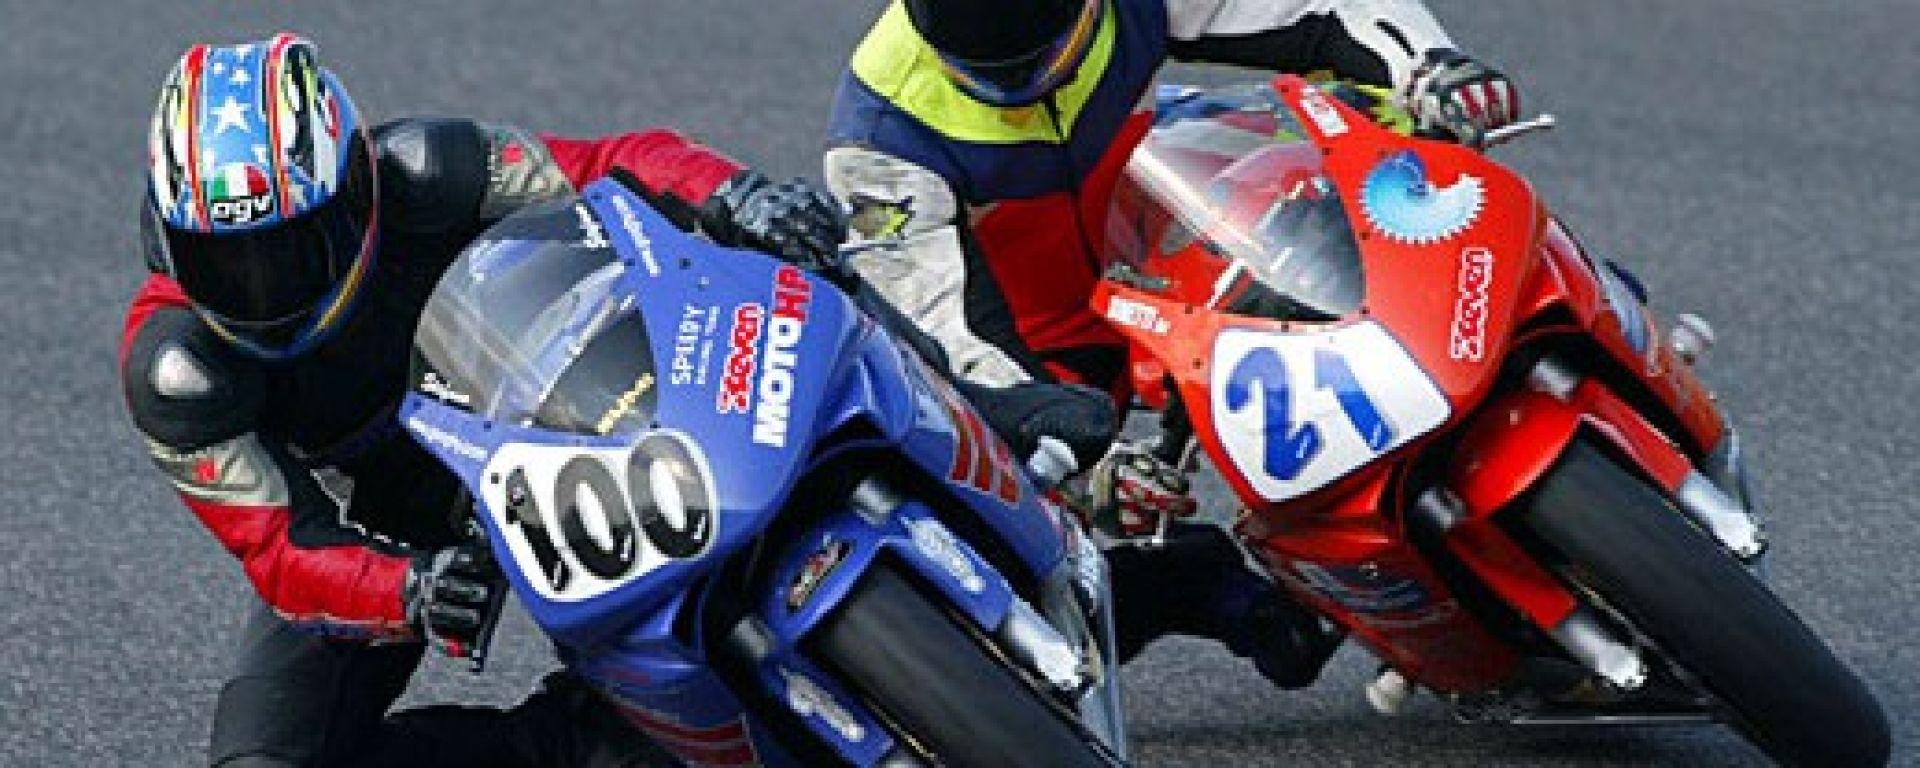 Prova Su Strada In Gara Con La Honda Cbr 600 Rr By Rumi Motorbox